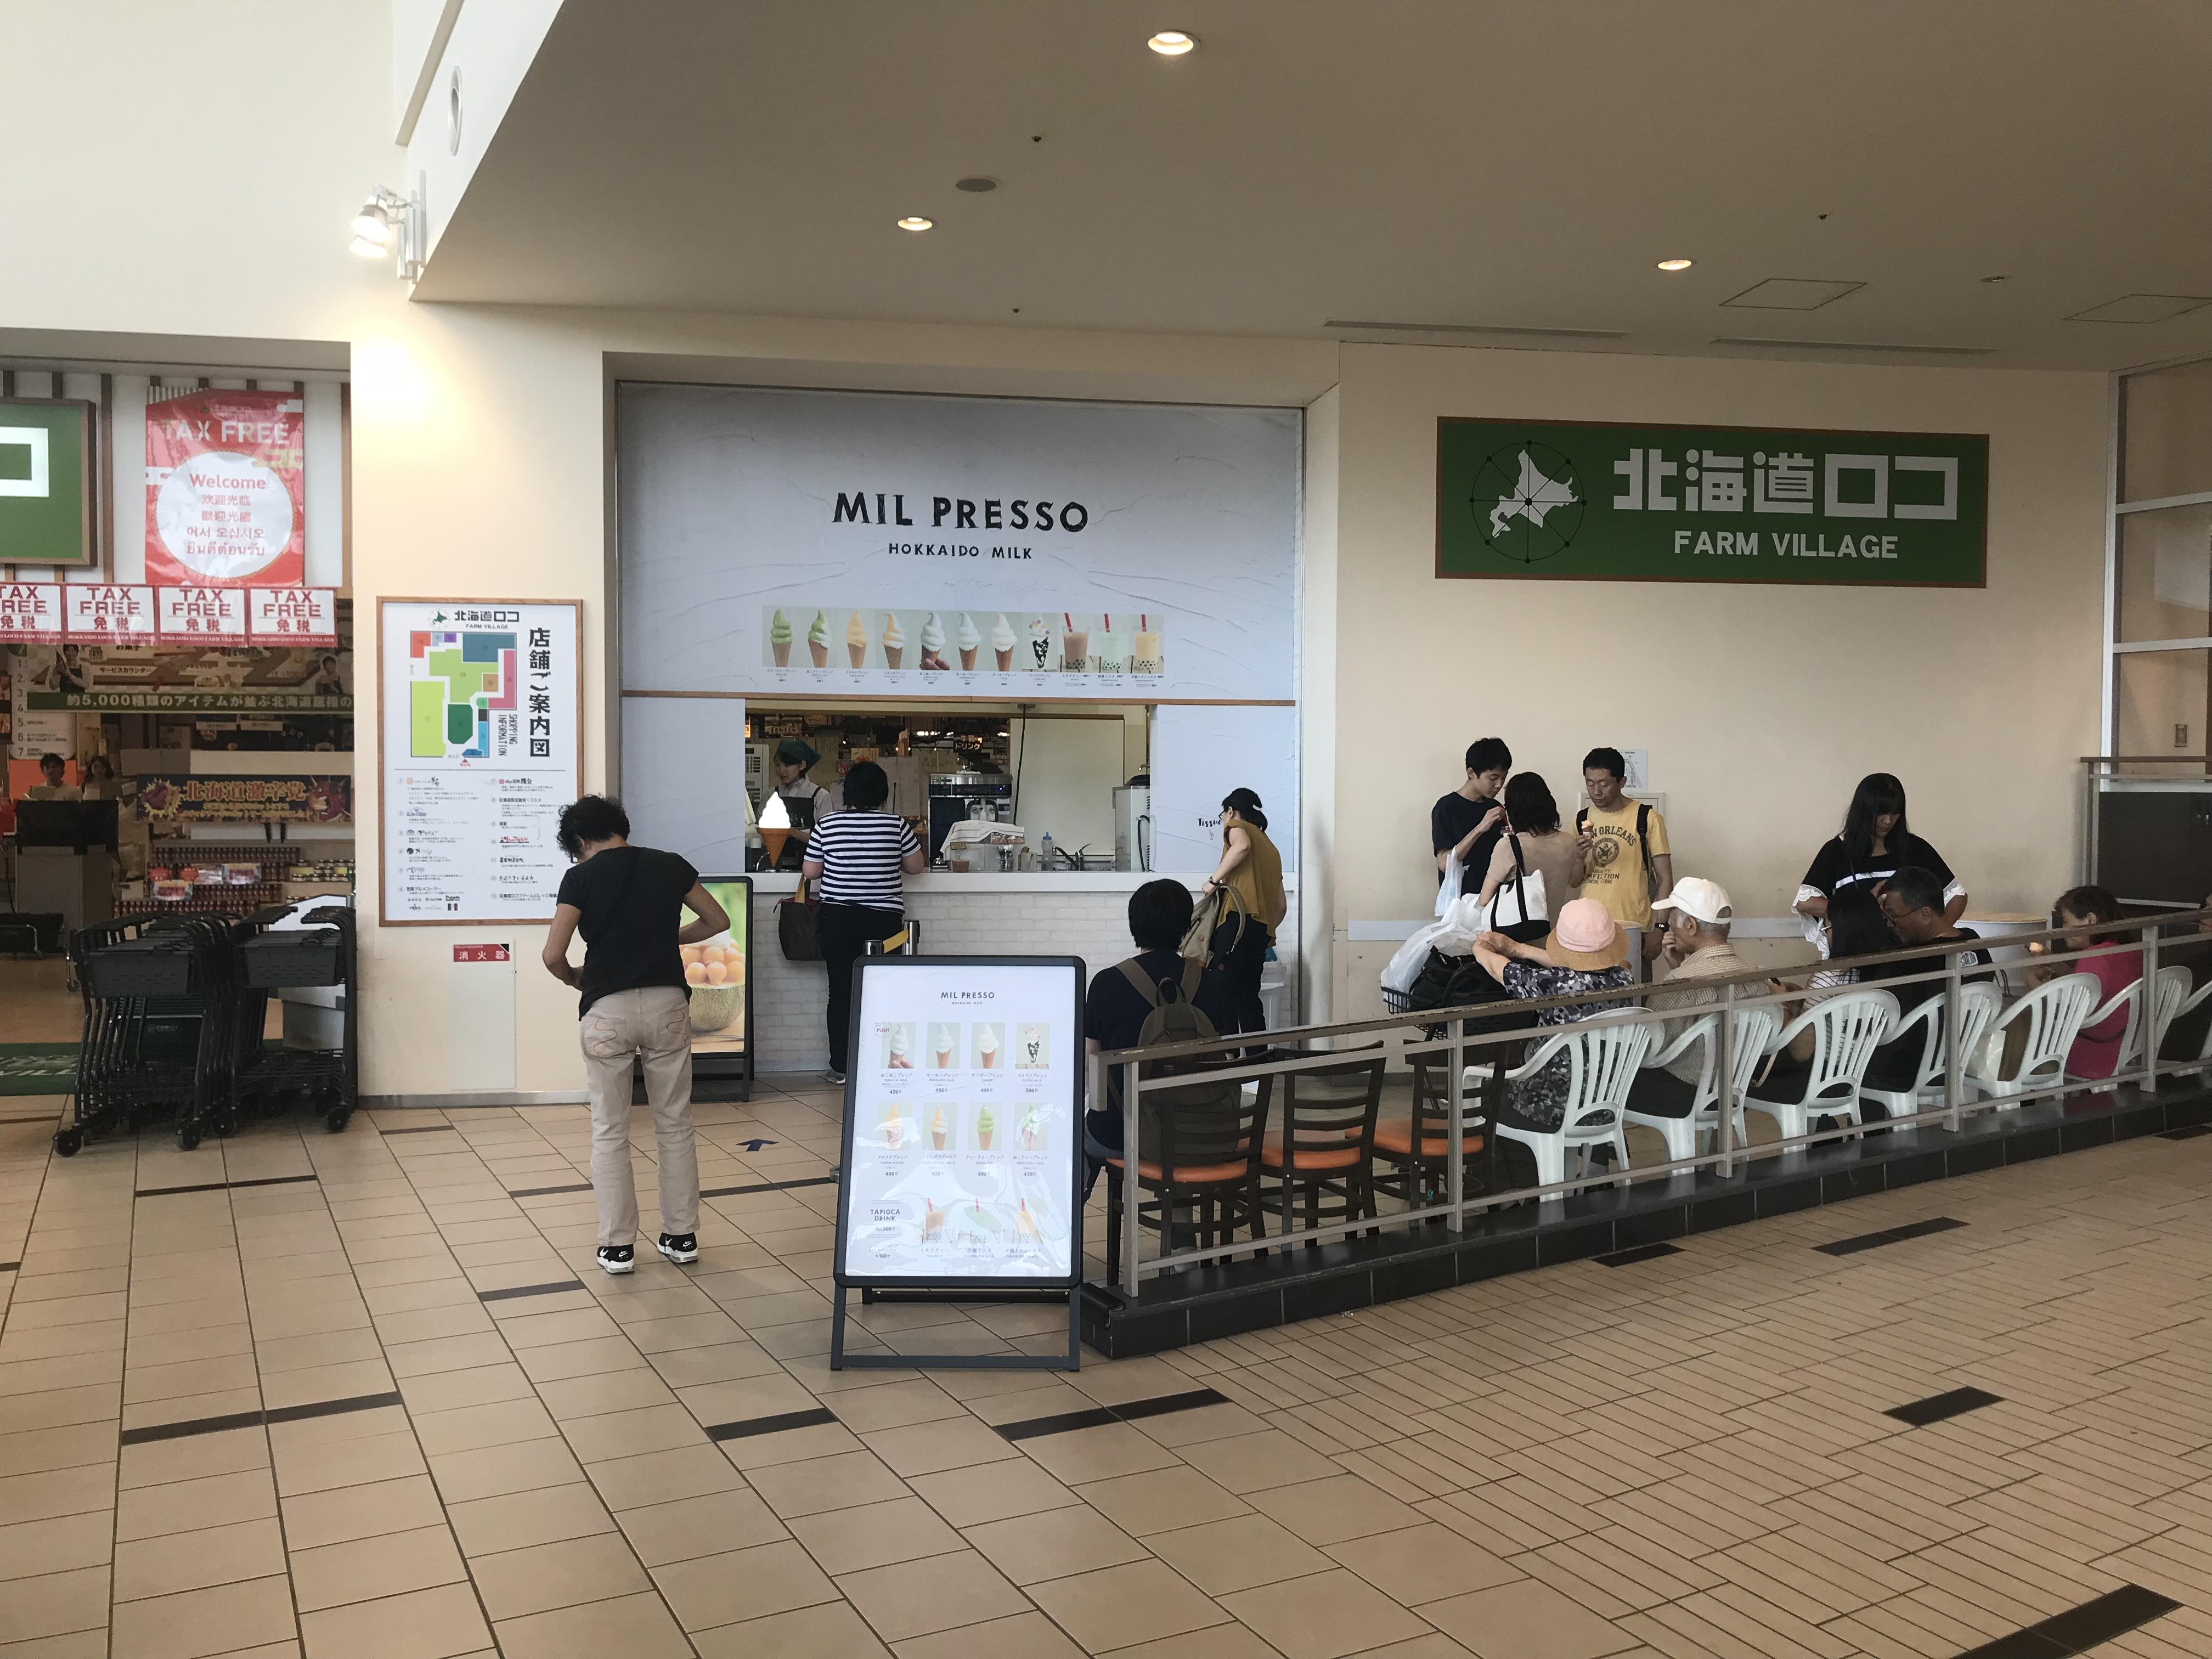 ミルプレッソは北海道ロコの入り口近くにある